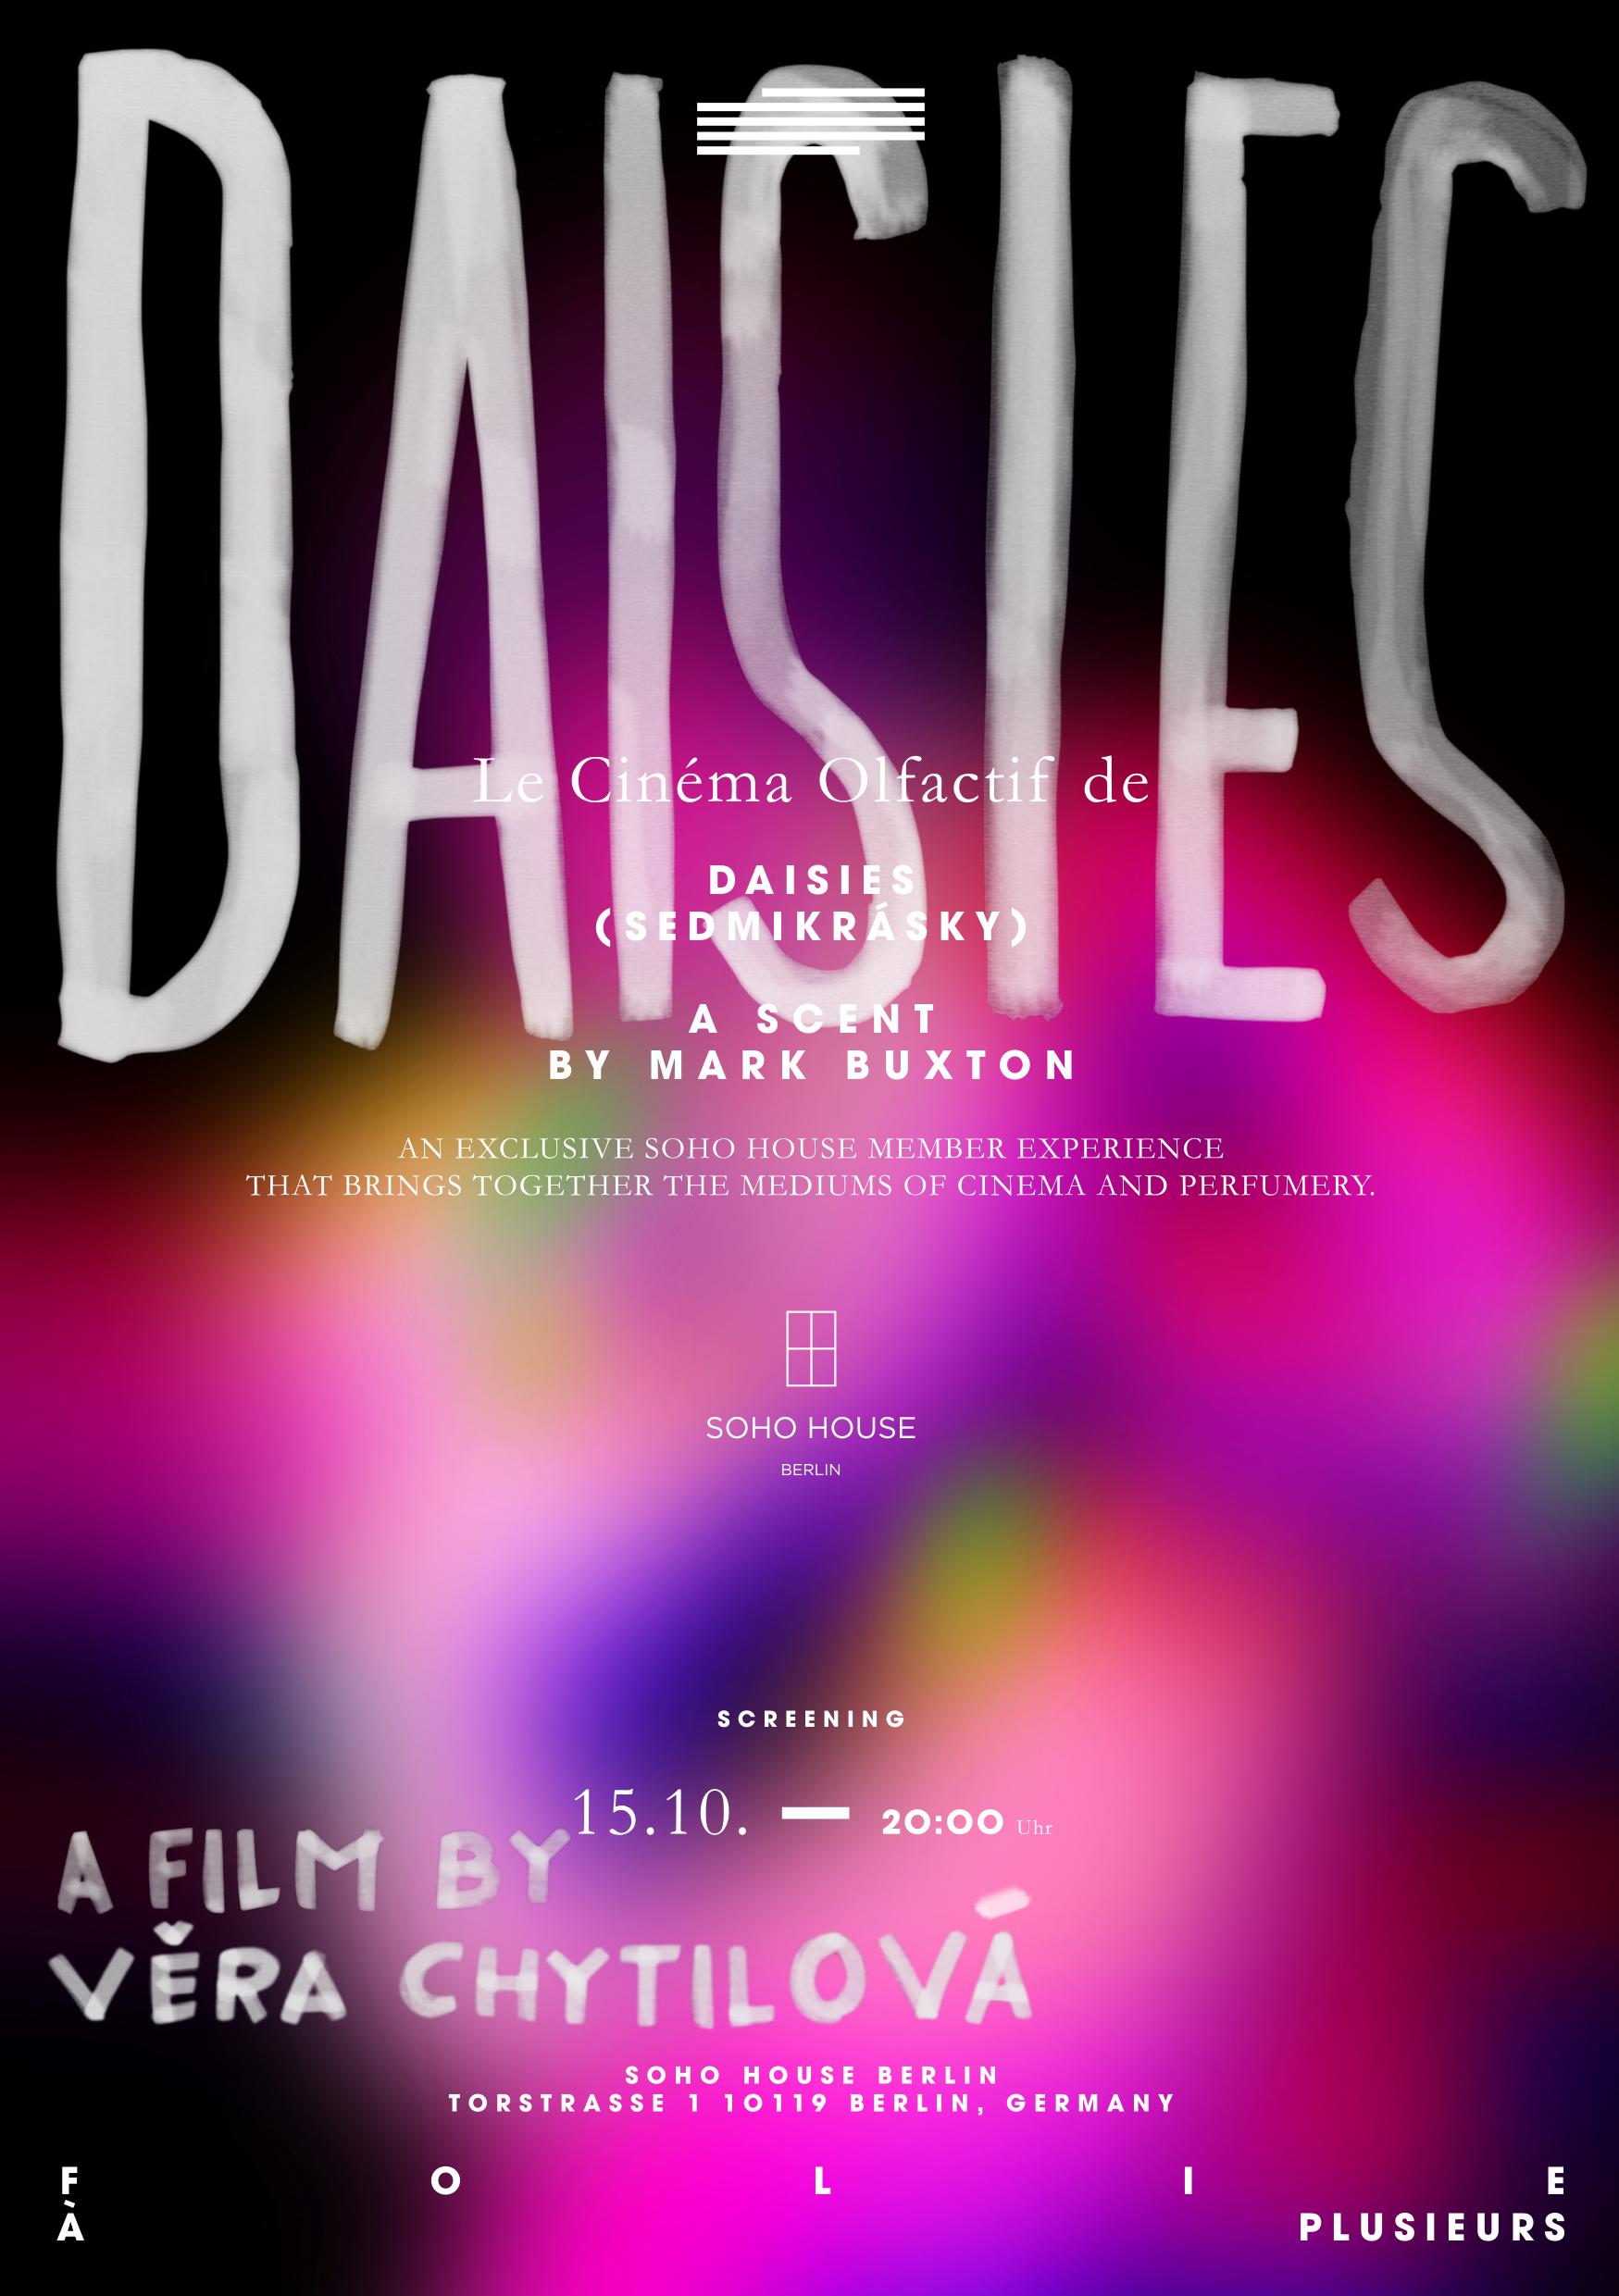 Daisies_Perfume_Folie-A-Plusieurs.jpg